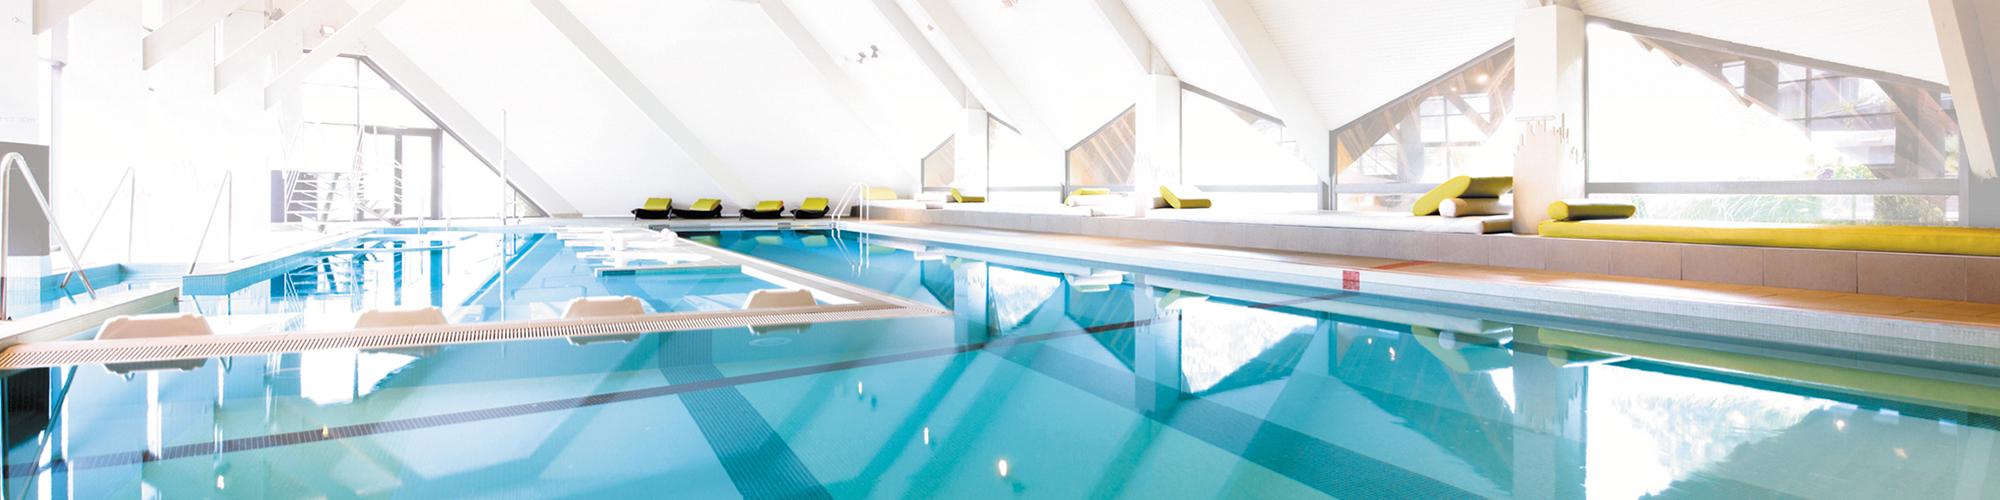 thalazur carnac et spa resort centre de thalasso en bretagne vous propose ses s jours de soins. Black Bedroom Furniture Sets. Home Design Ideas